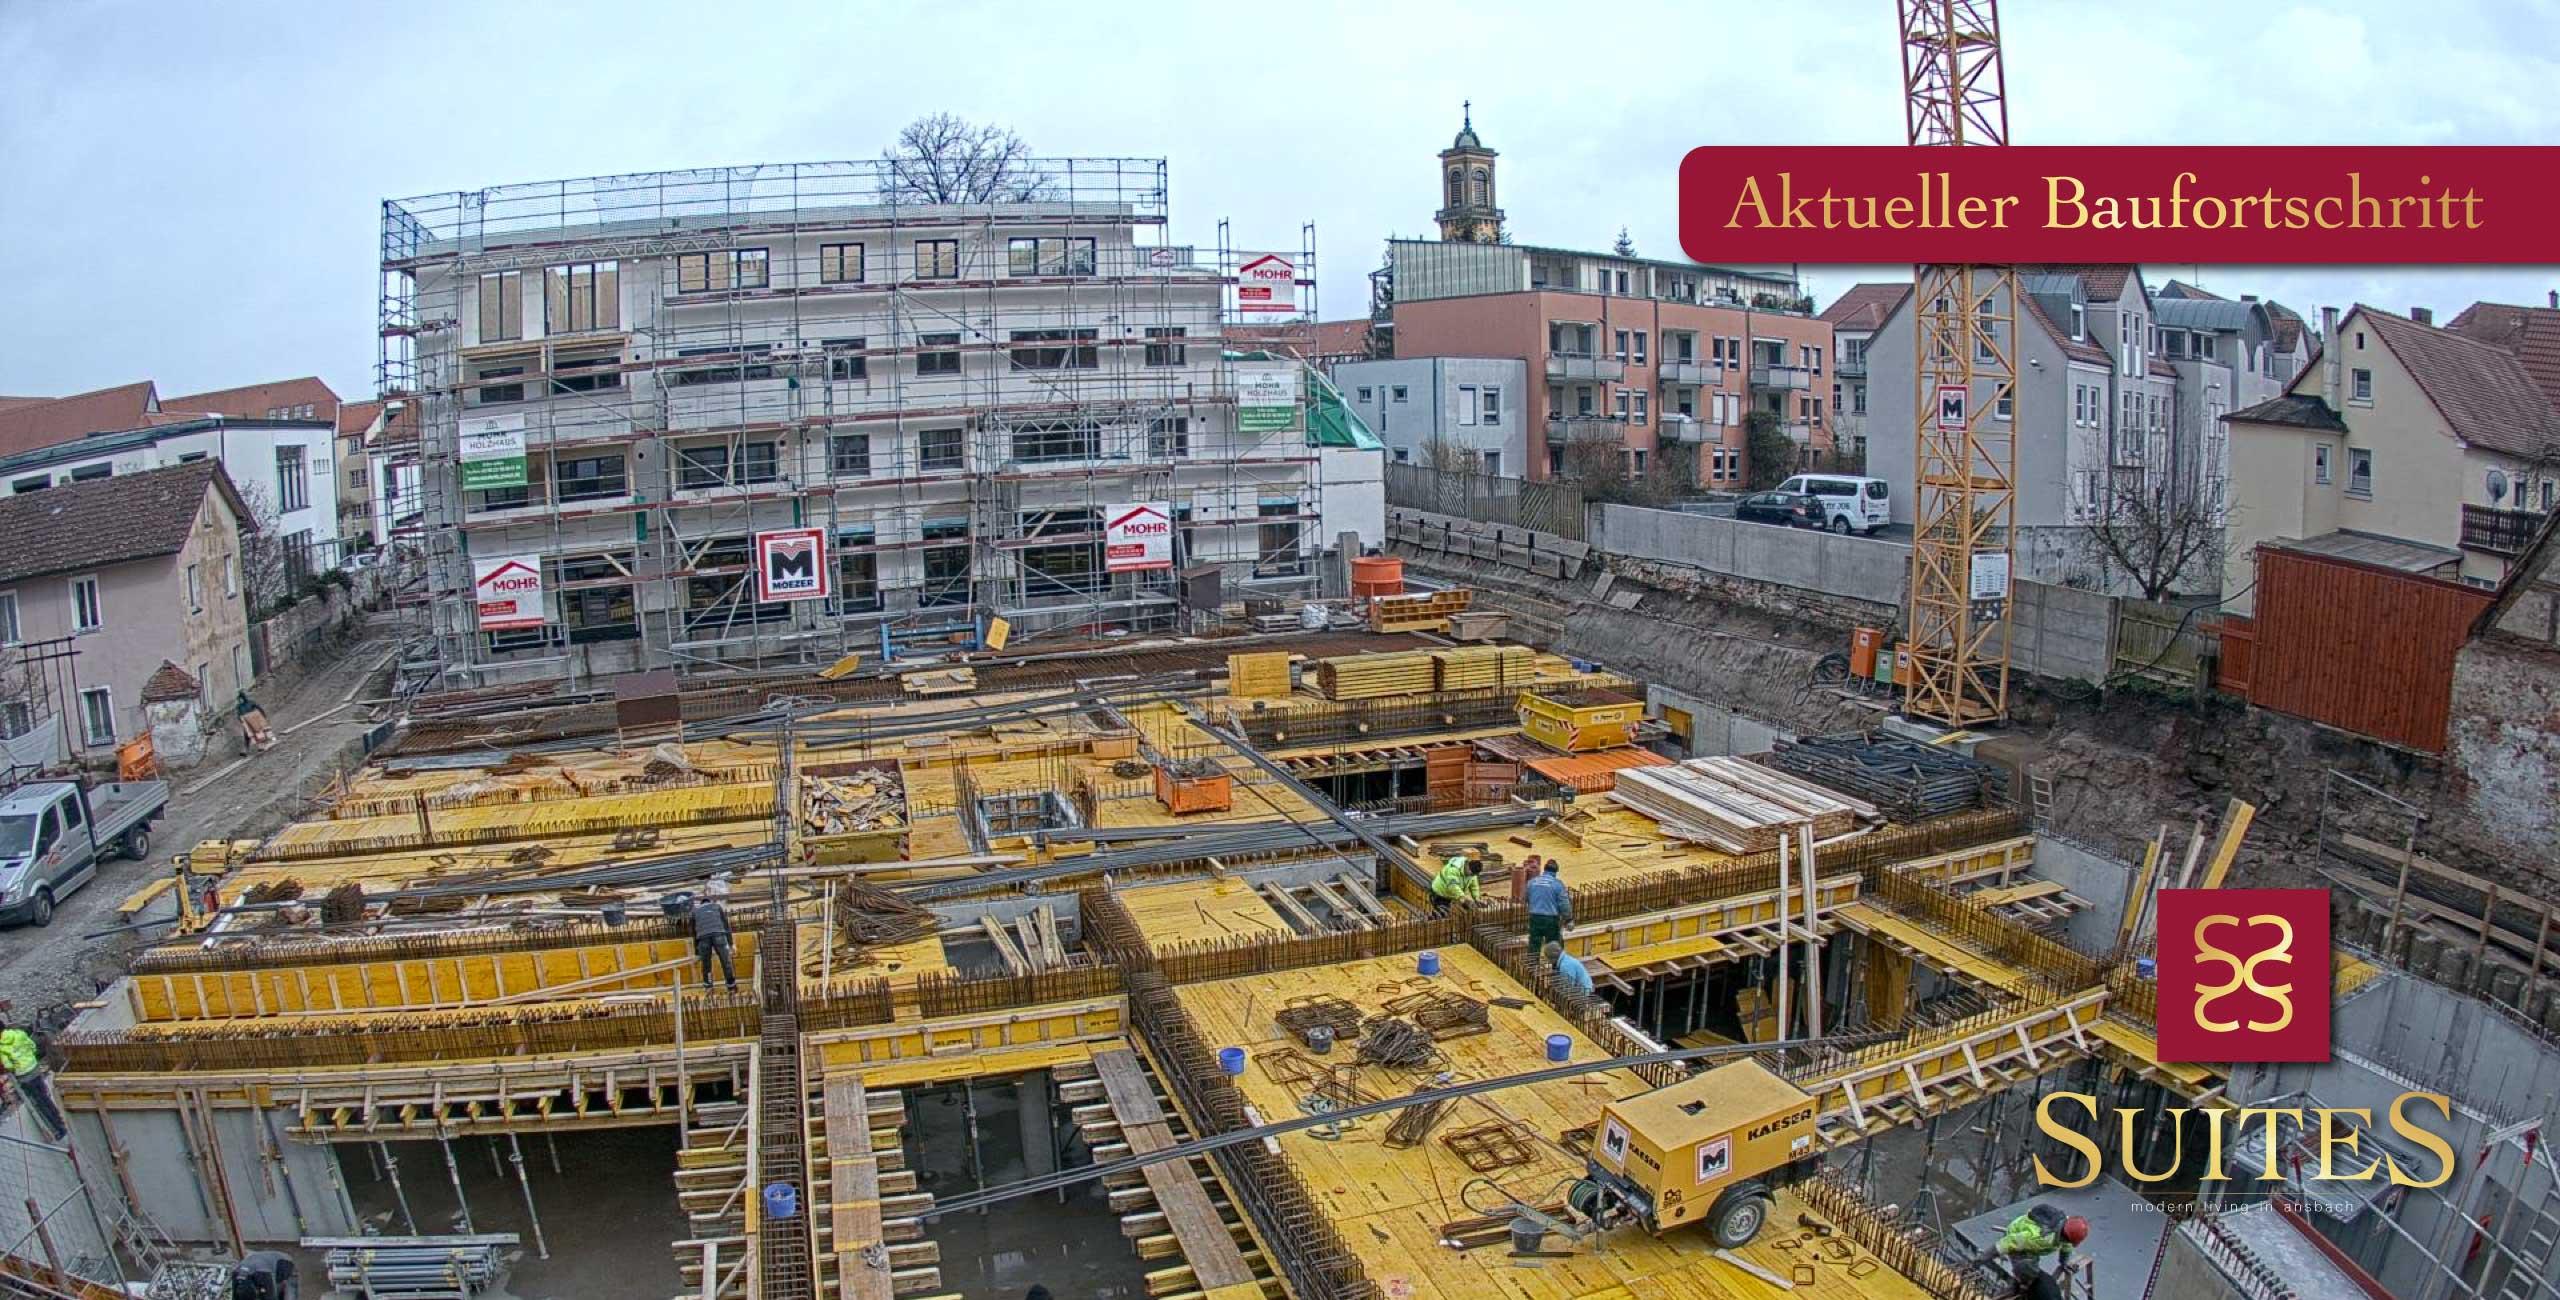 Alte Poststraße Ansbach SUITES Baufortschritt Baustand Eigentumswohnungen Neubau